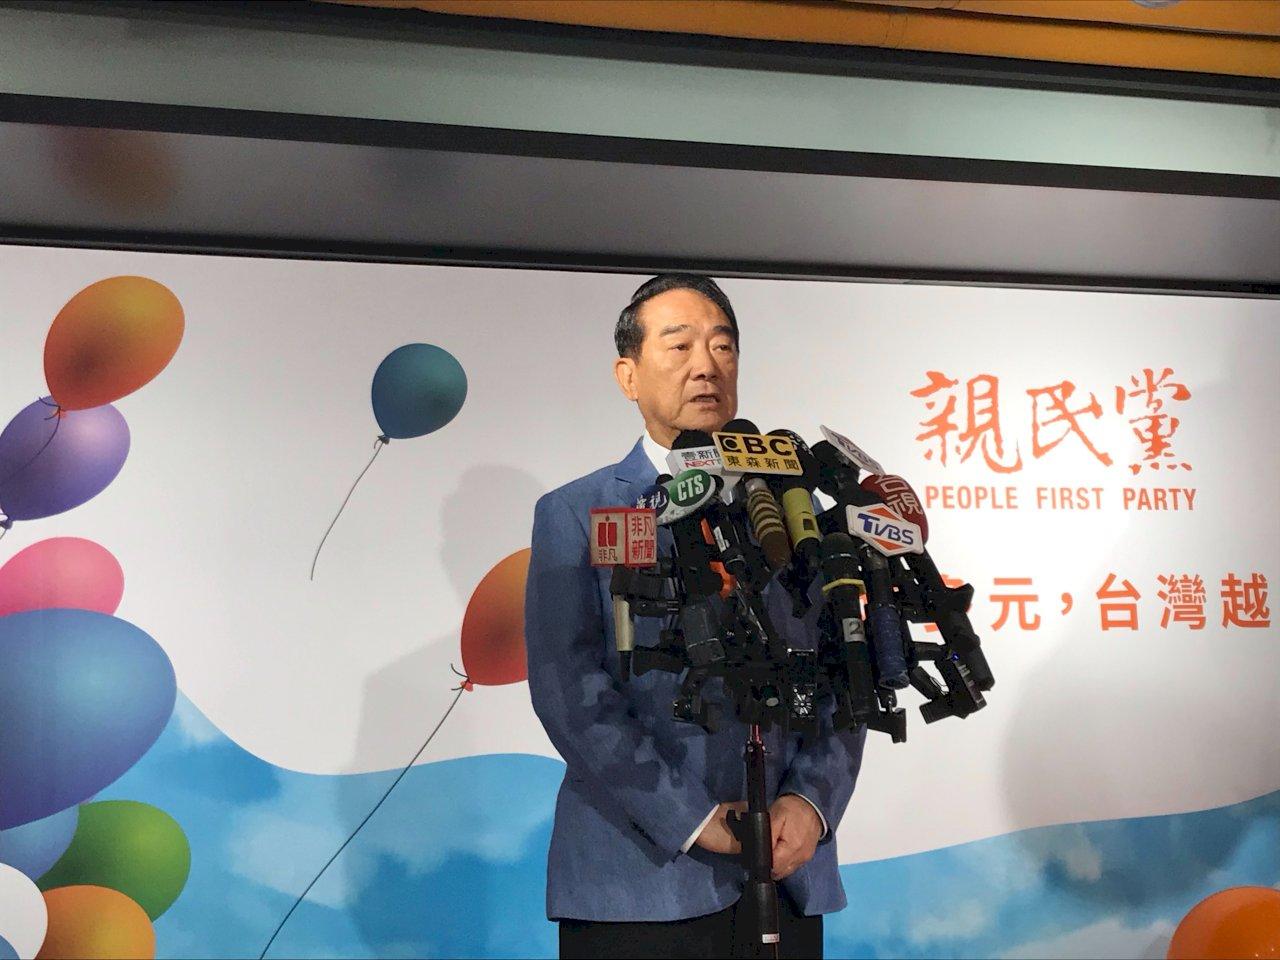 張善政批與史瓦帝尼簽FTA助益小 宋楚瑜:不該把友邦變成選舉對象